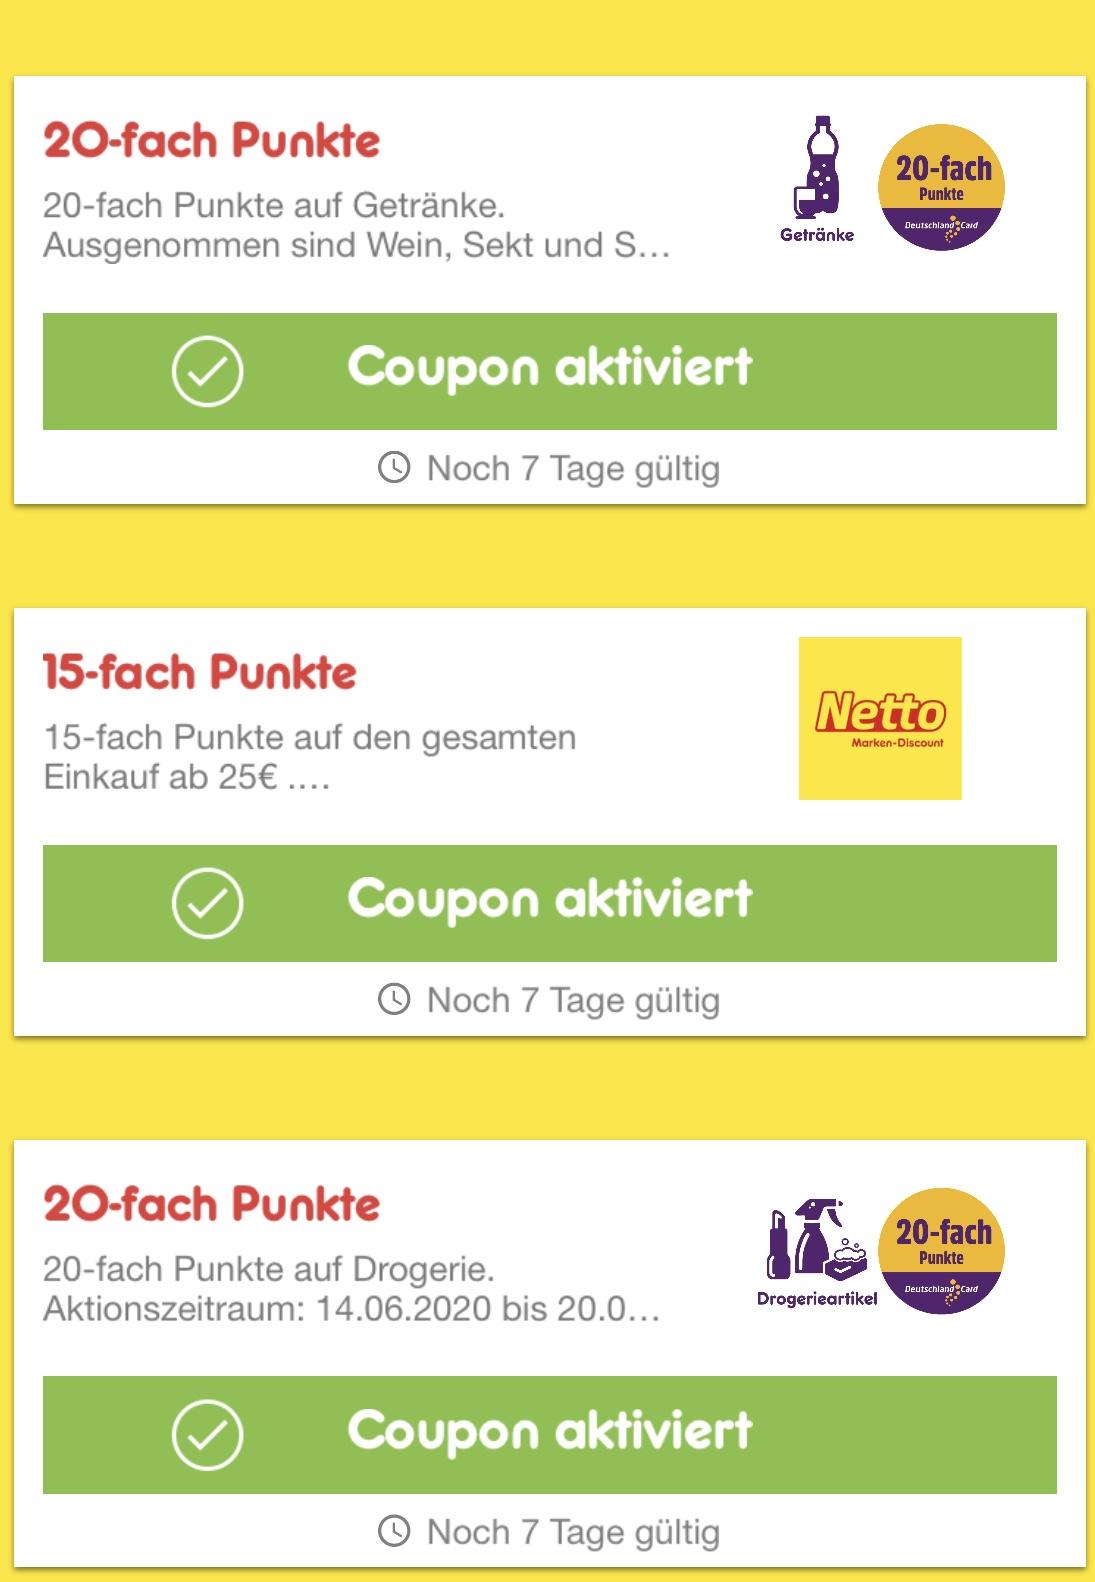 [Netto Marken-Discount] 15-fache Punkte ab 25€ in der Netto App und 1€ ab 20€ MEW als Coupon zum Scannen - bis zu 10,92% Ersparnis möglich!